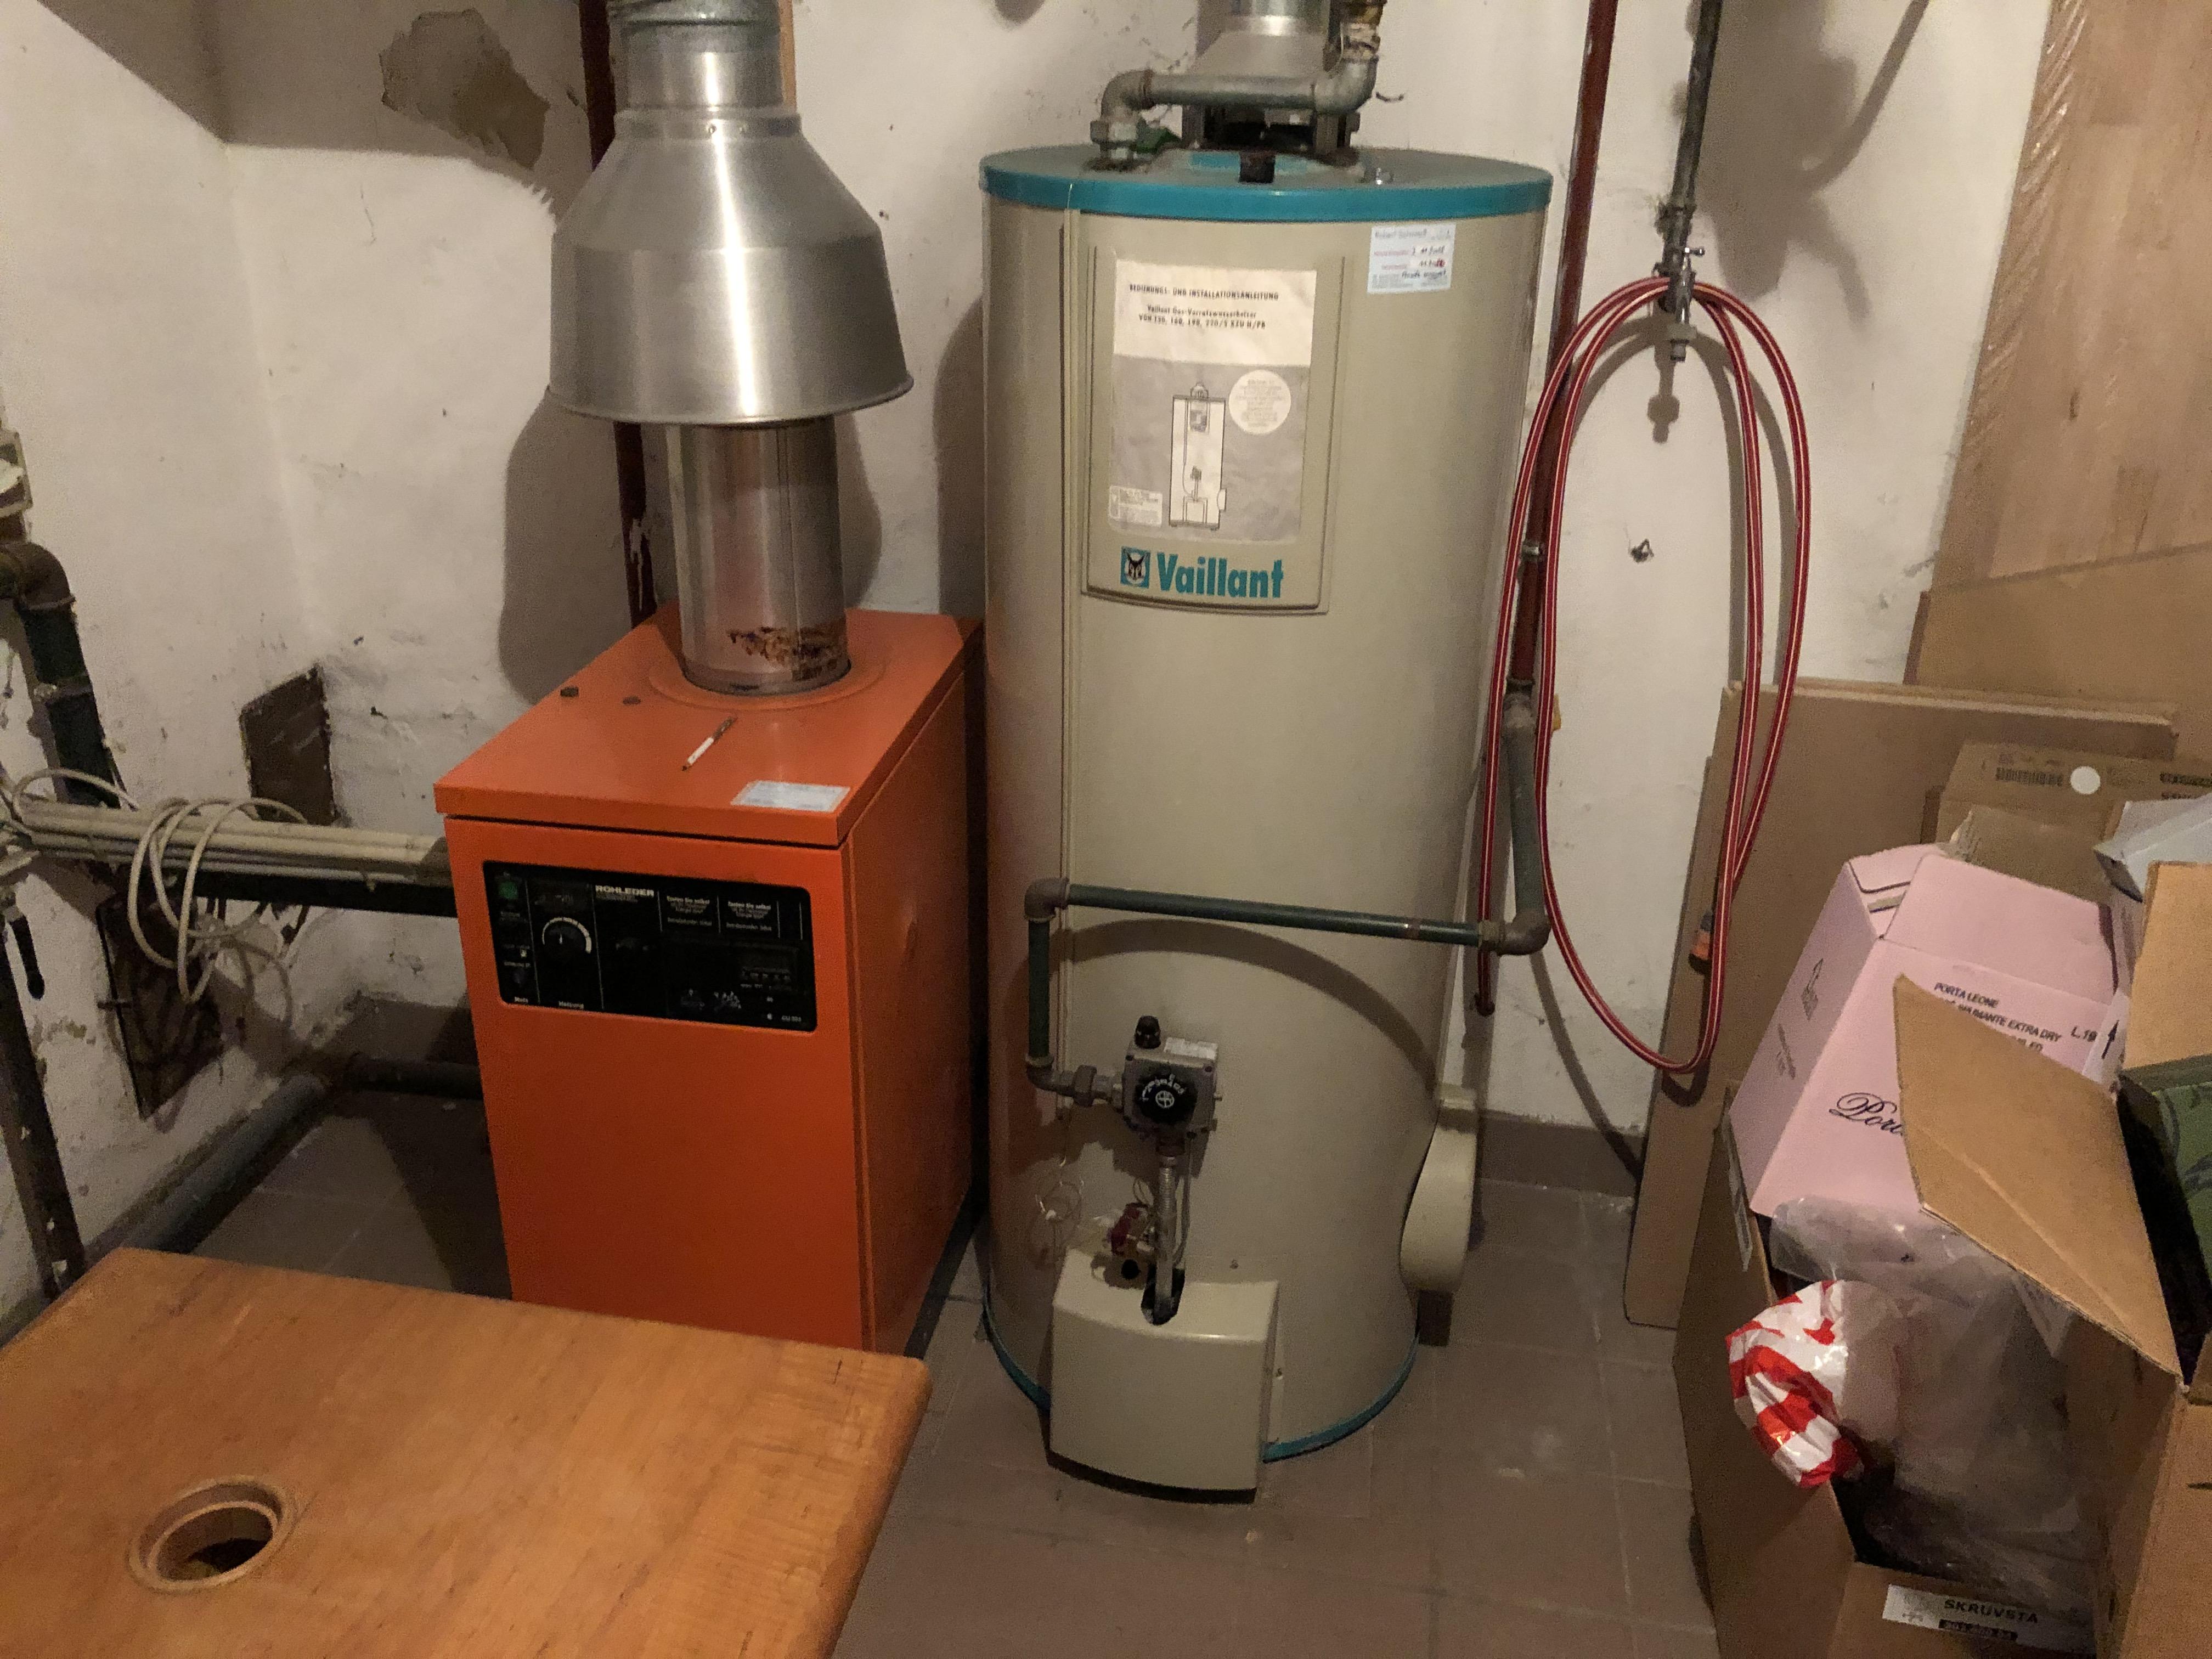 Heizungsoptimierung, Fernwärme und Brauchwasser-Wärmepumpe